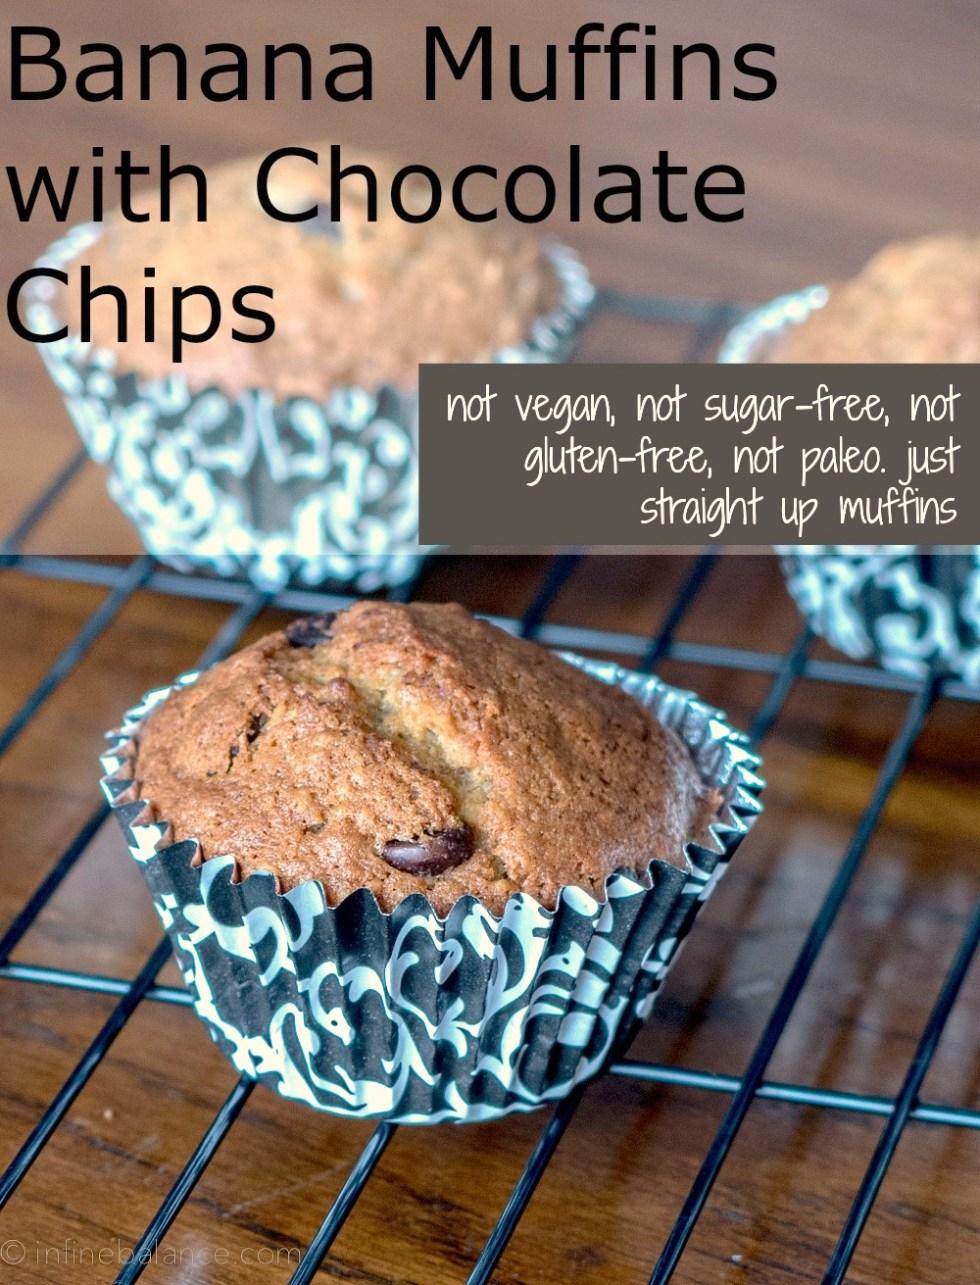 Banana Chocolate Chip Muffins | www.infinebalance.com